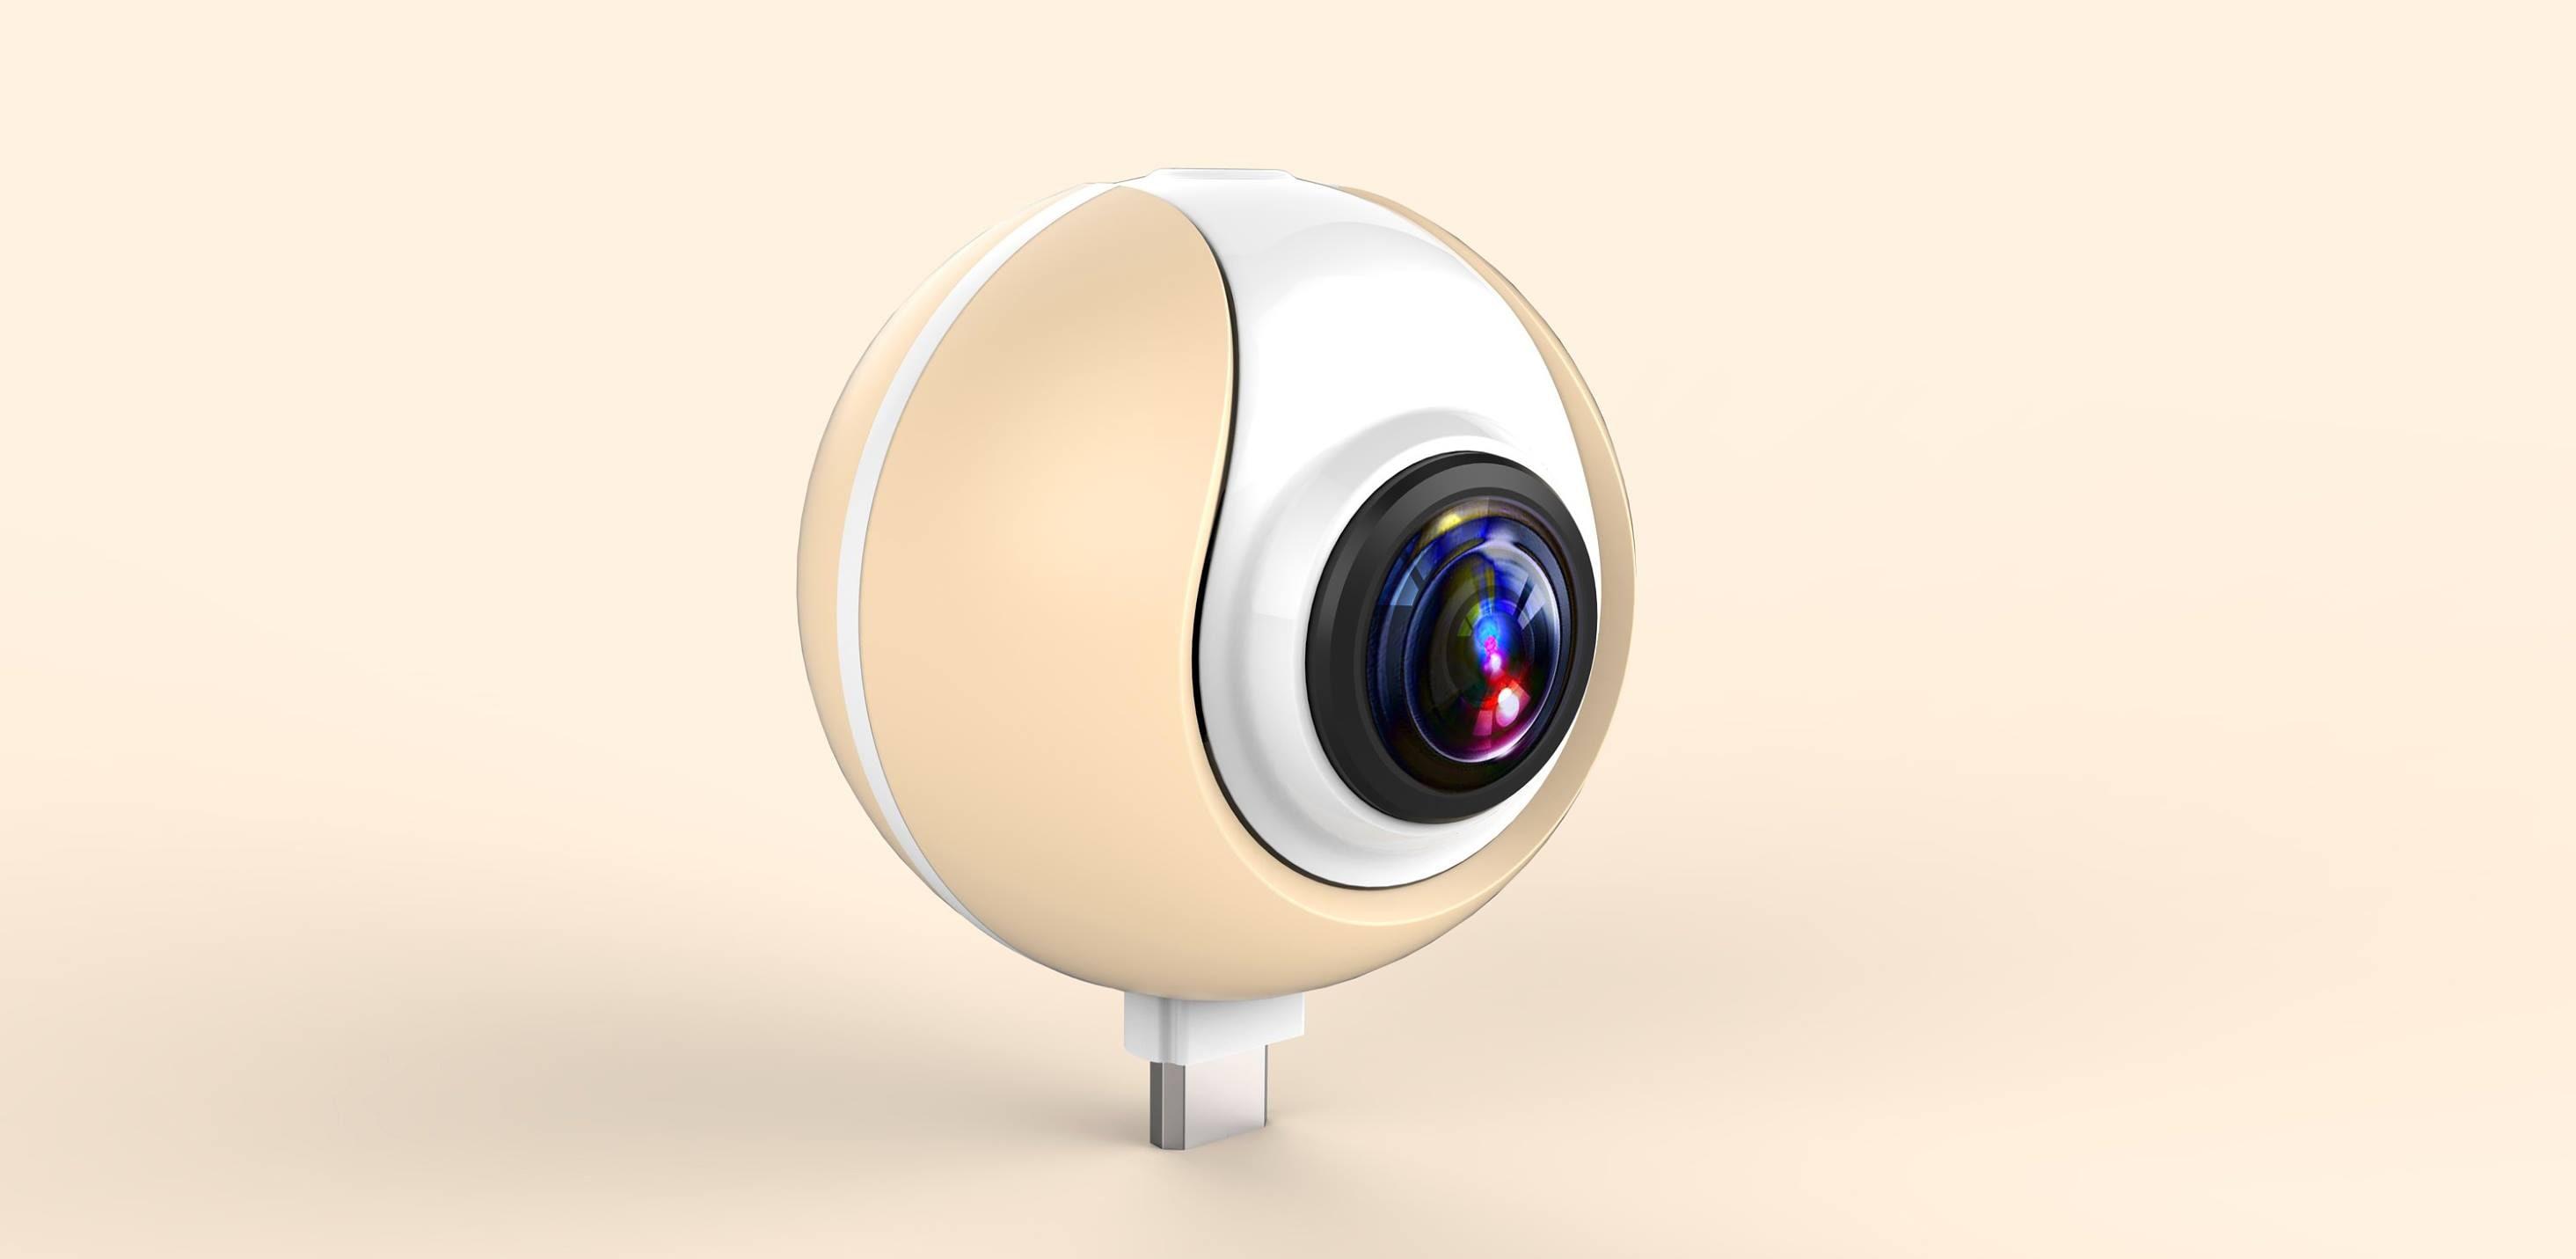 Elephone ci da qualche indizio sulla sua nuova fotocamera a 720° portatile (foto)